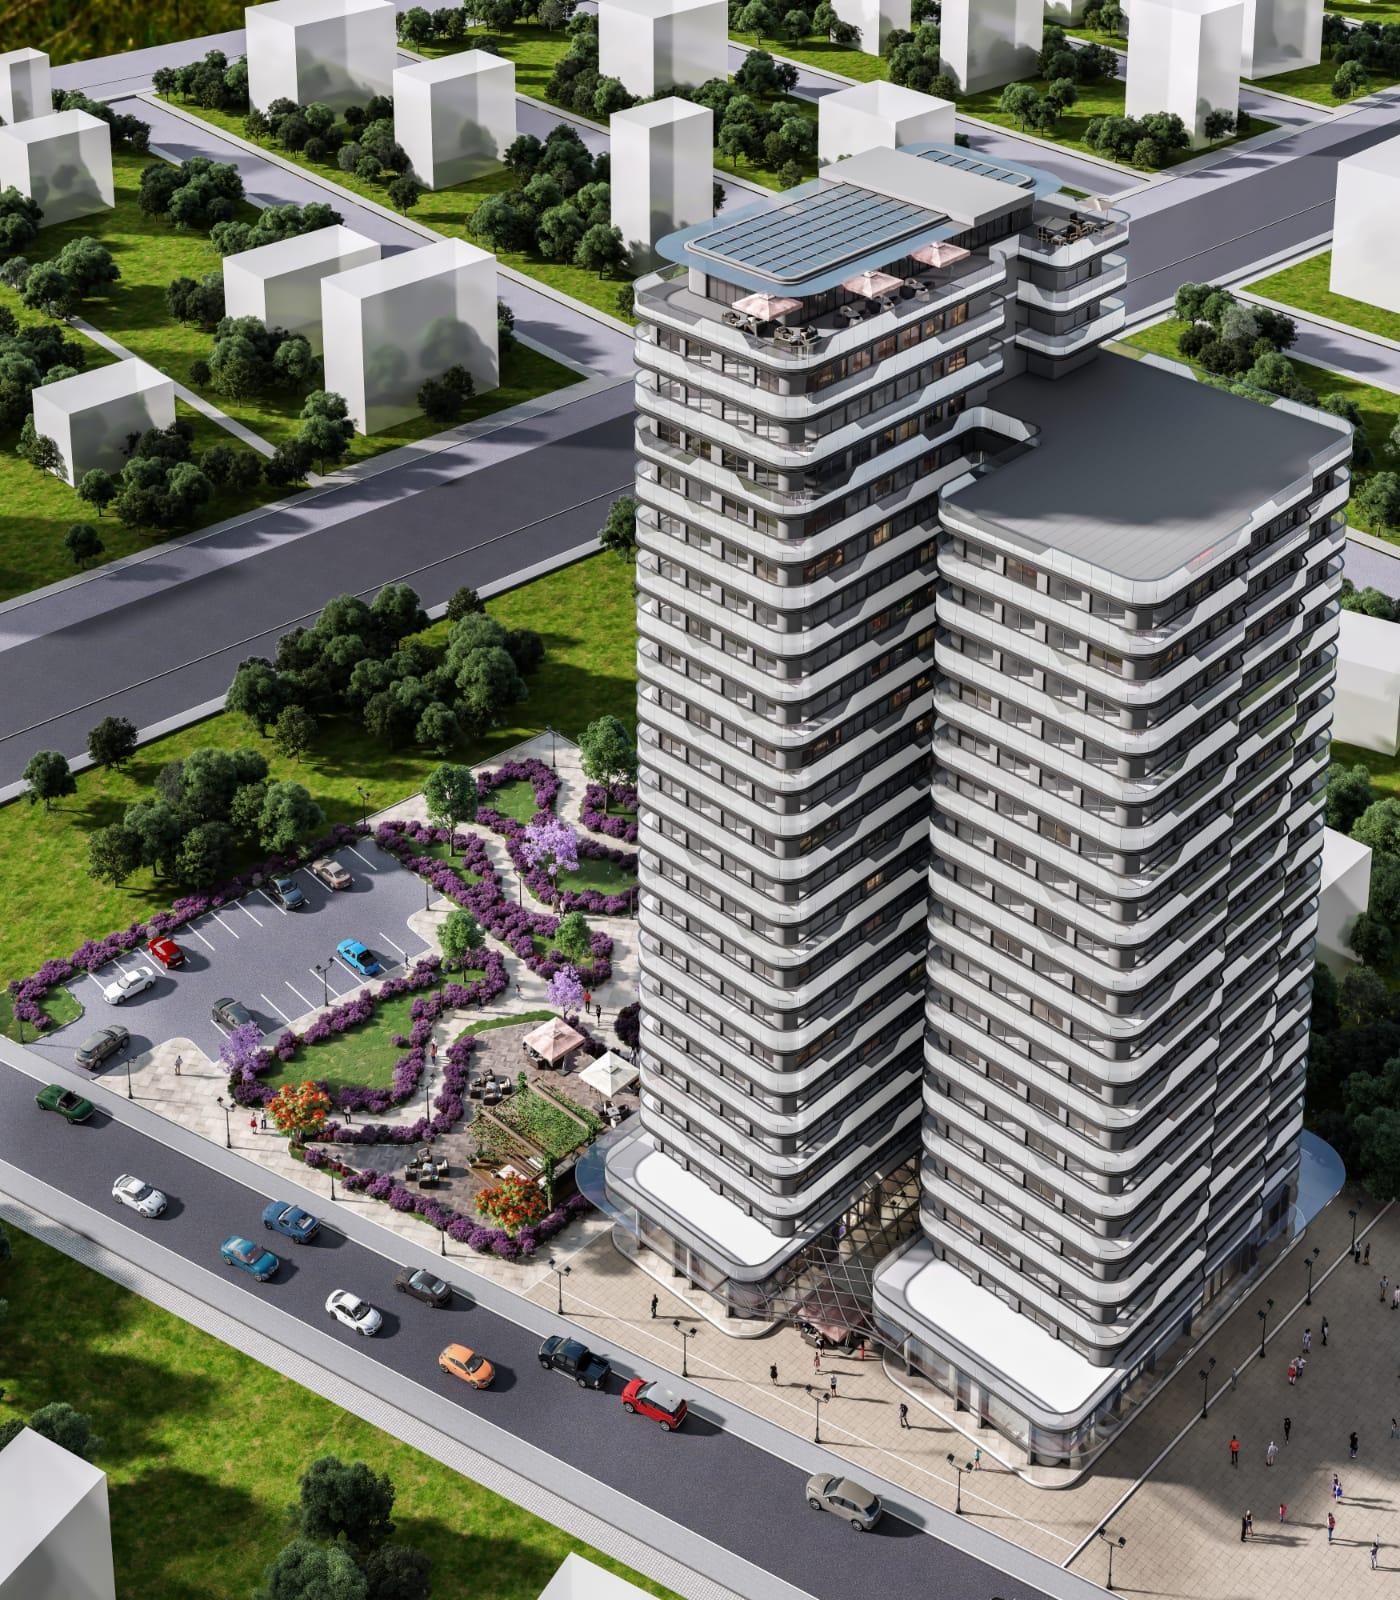 مشروع للاستثمار في أفجلار ….اسطنبول    (  كود المشروع    IC 31  )